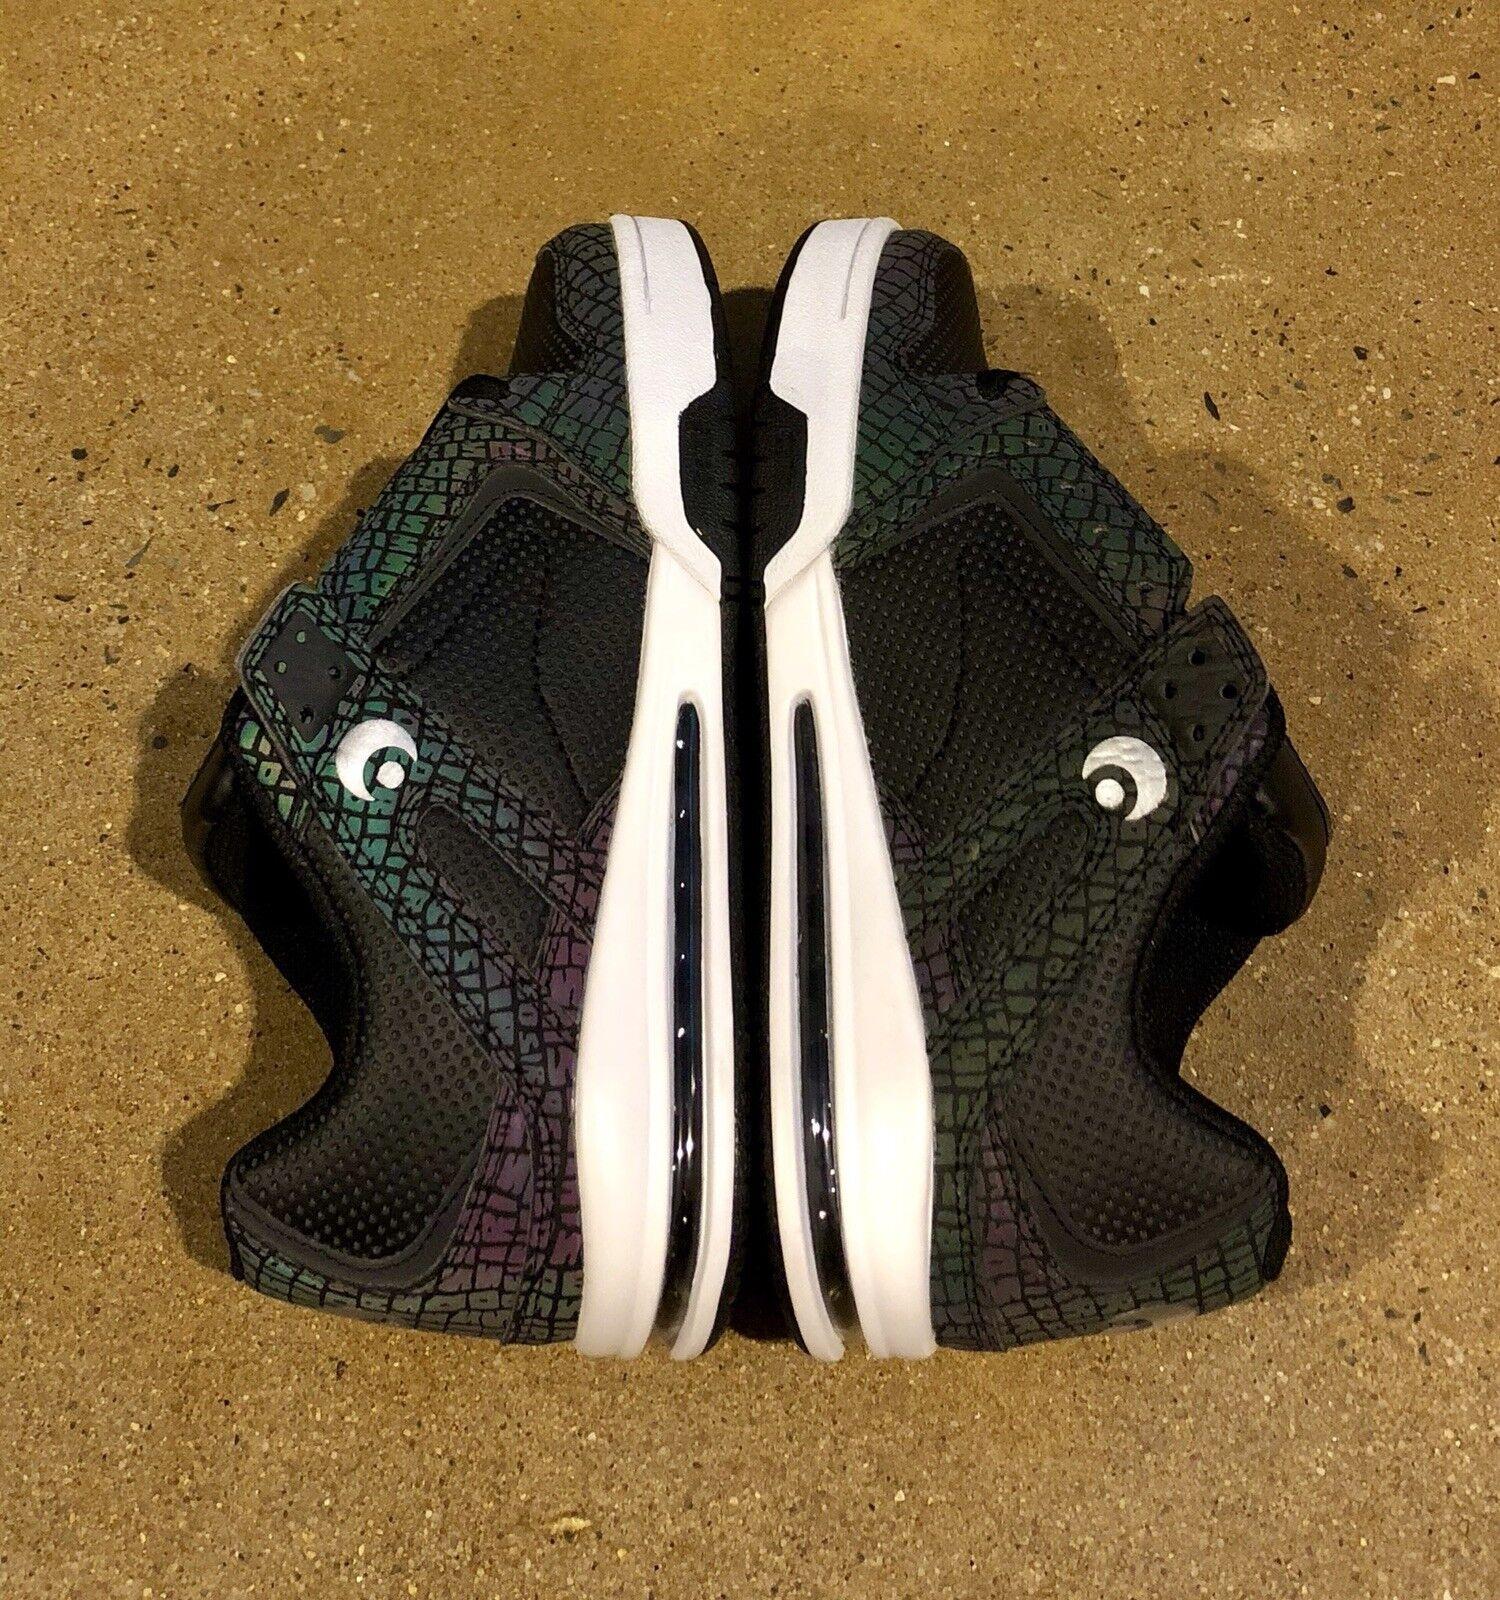 Osiris Pxl Uomo's Size 6.5 US Prism Peril BMX DC Skate Shoes Scarpe da Ginnastica